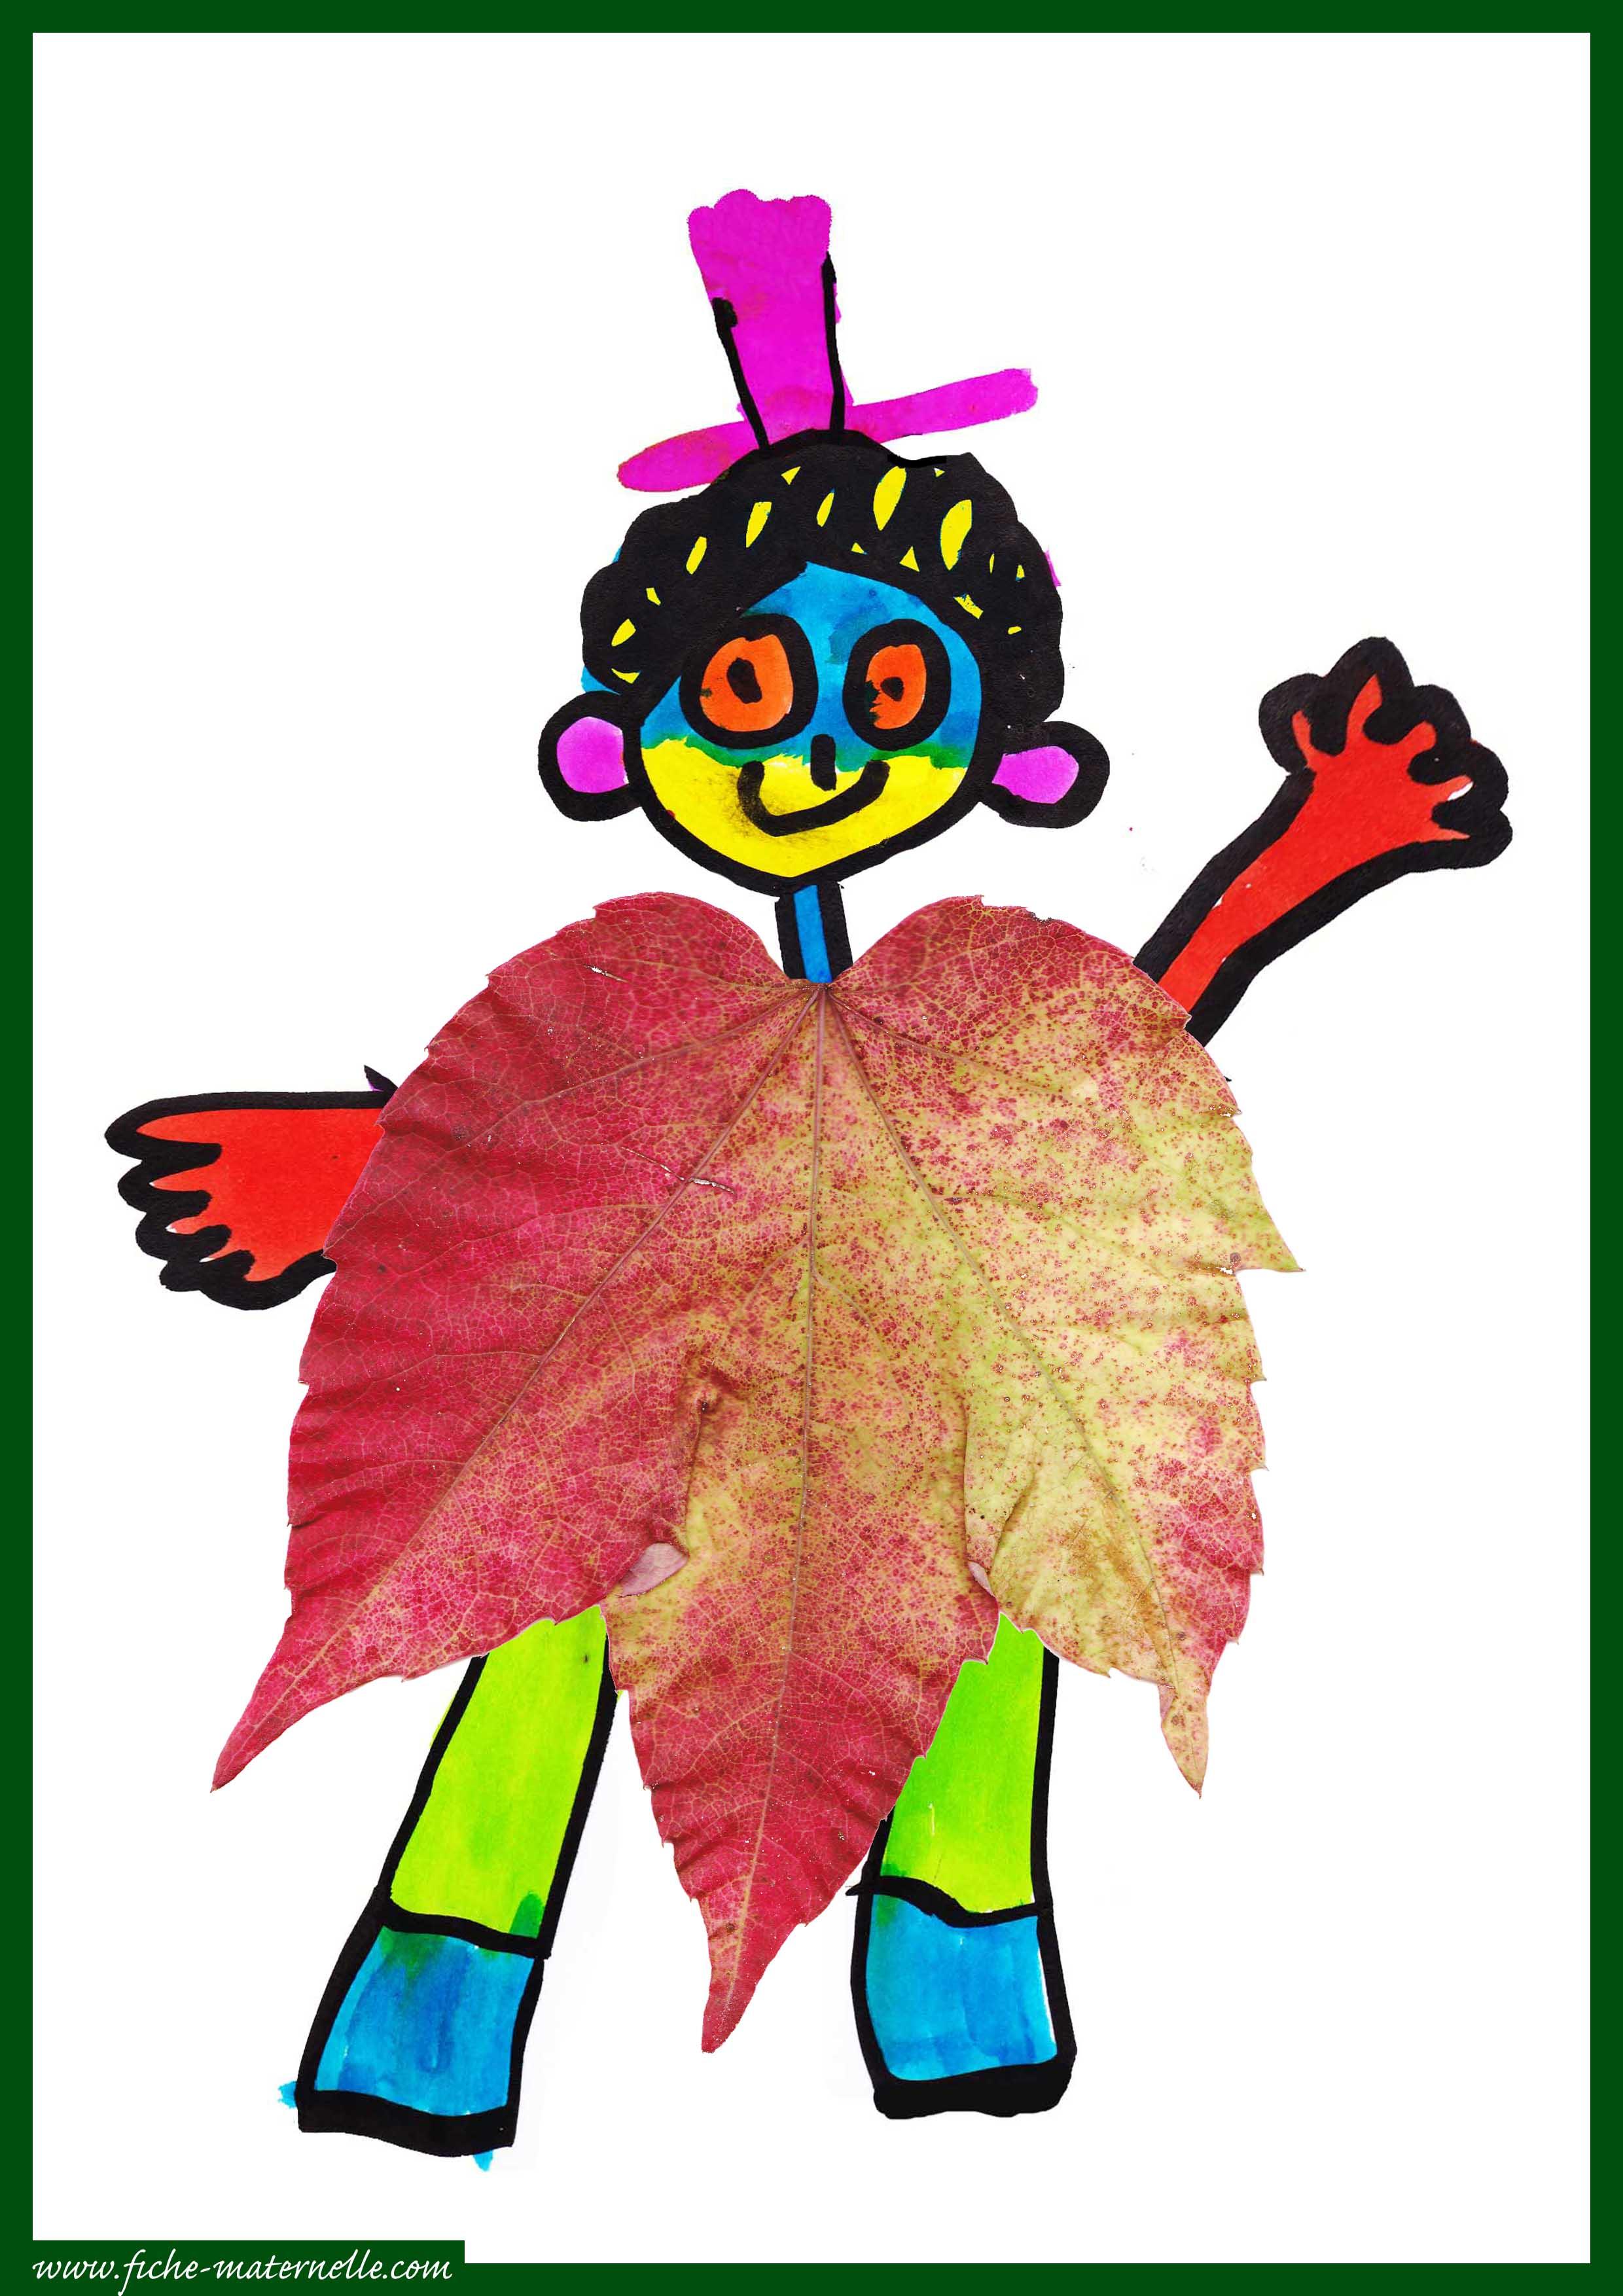 automne à la maternelle